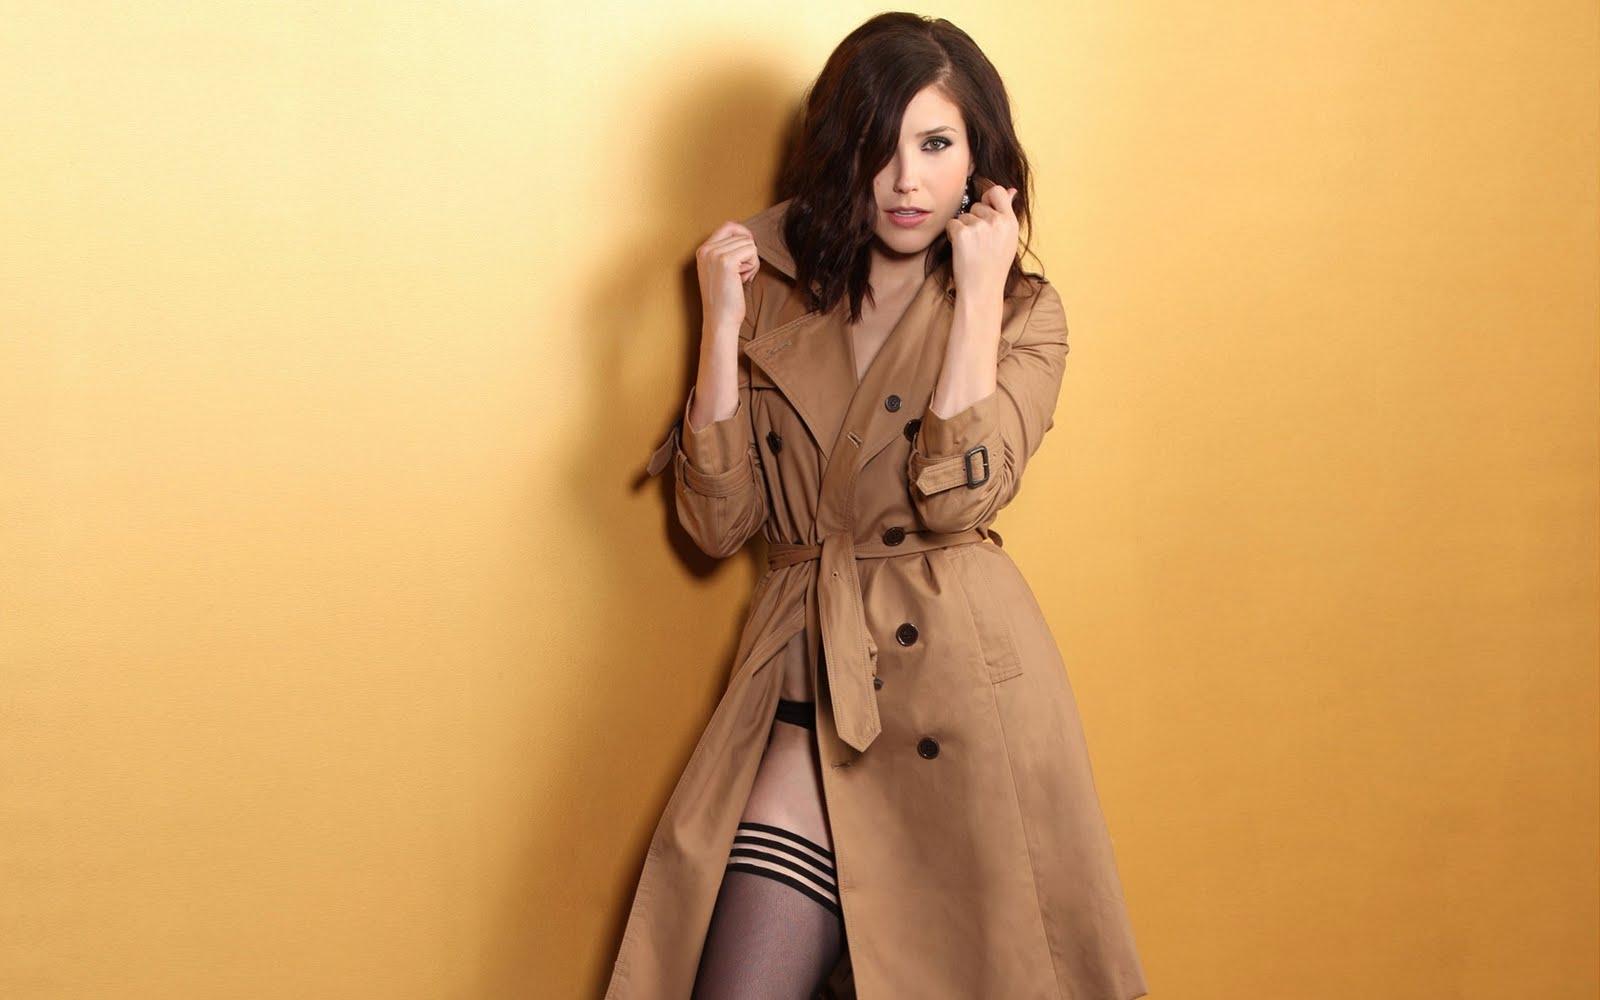 http://3.bp.blogspot.com/_sNh-puXJSno/S9jB53P9ldI/AAAAAAAAAgs/OLC-9kJUbCI/s1600/Sophia-Bush.jpg